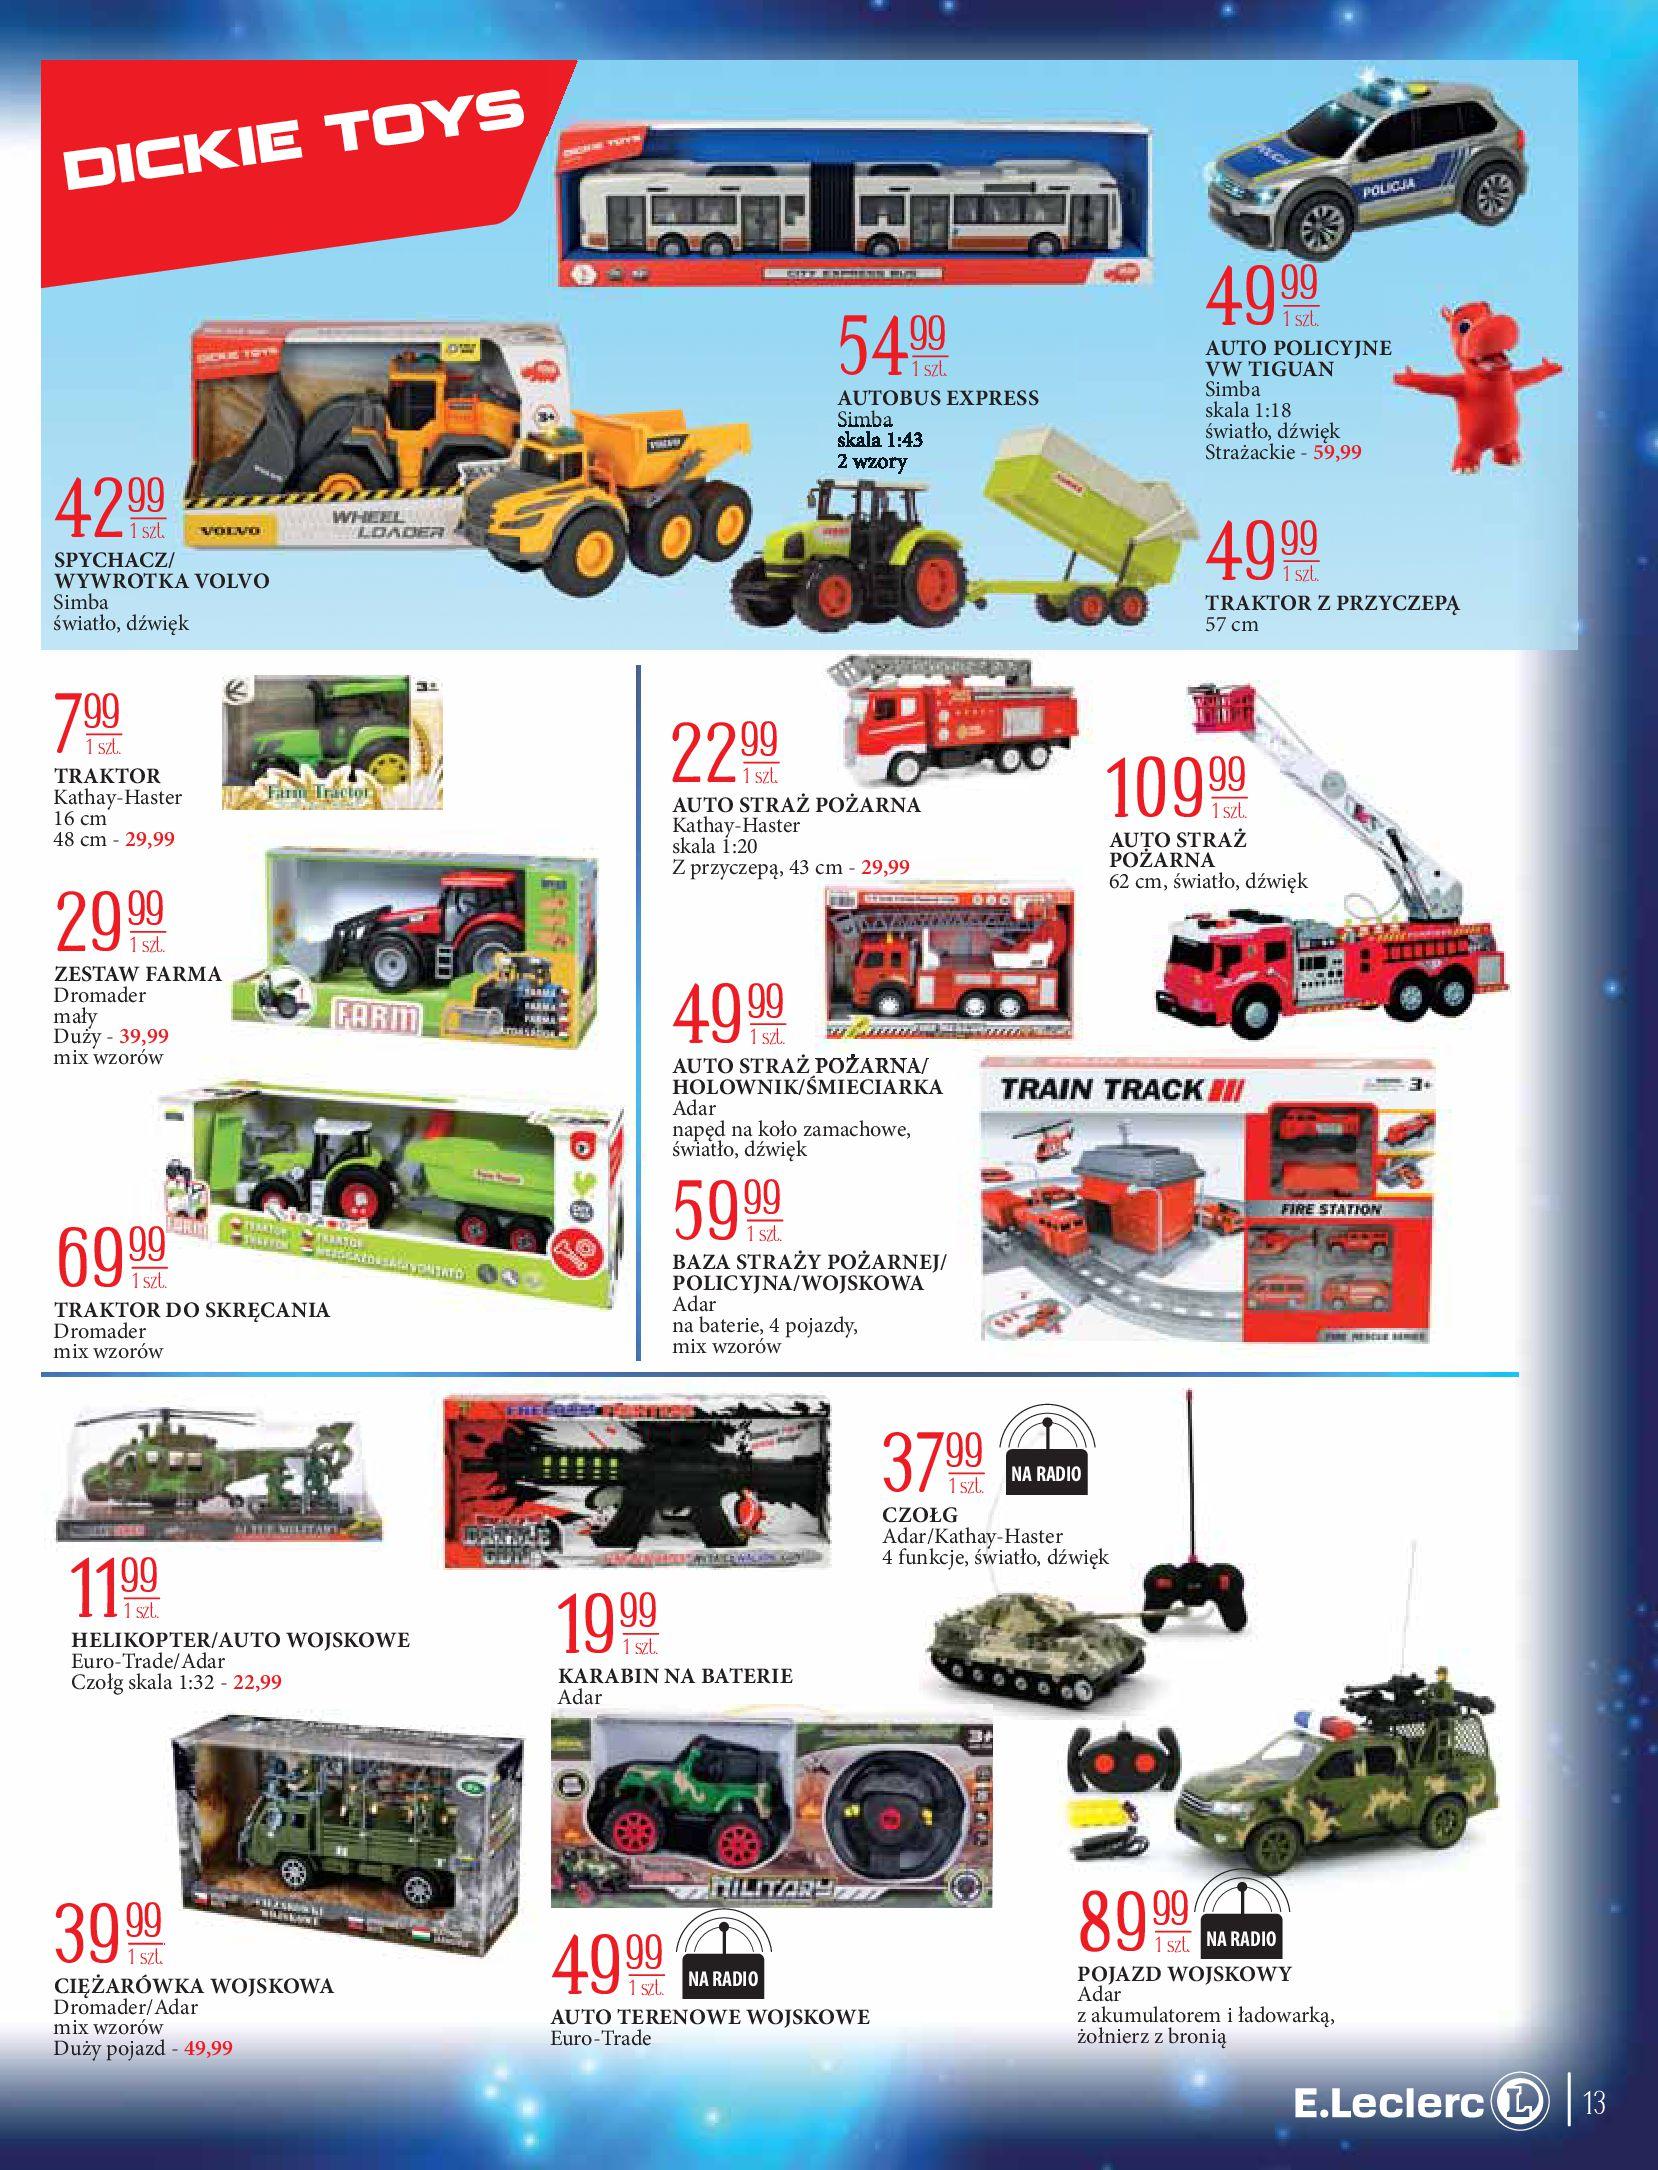 Gazetka E.Leclerc: Świat zabawek i dekoracji 2020-11-10 page-13